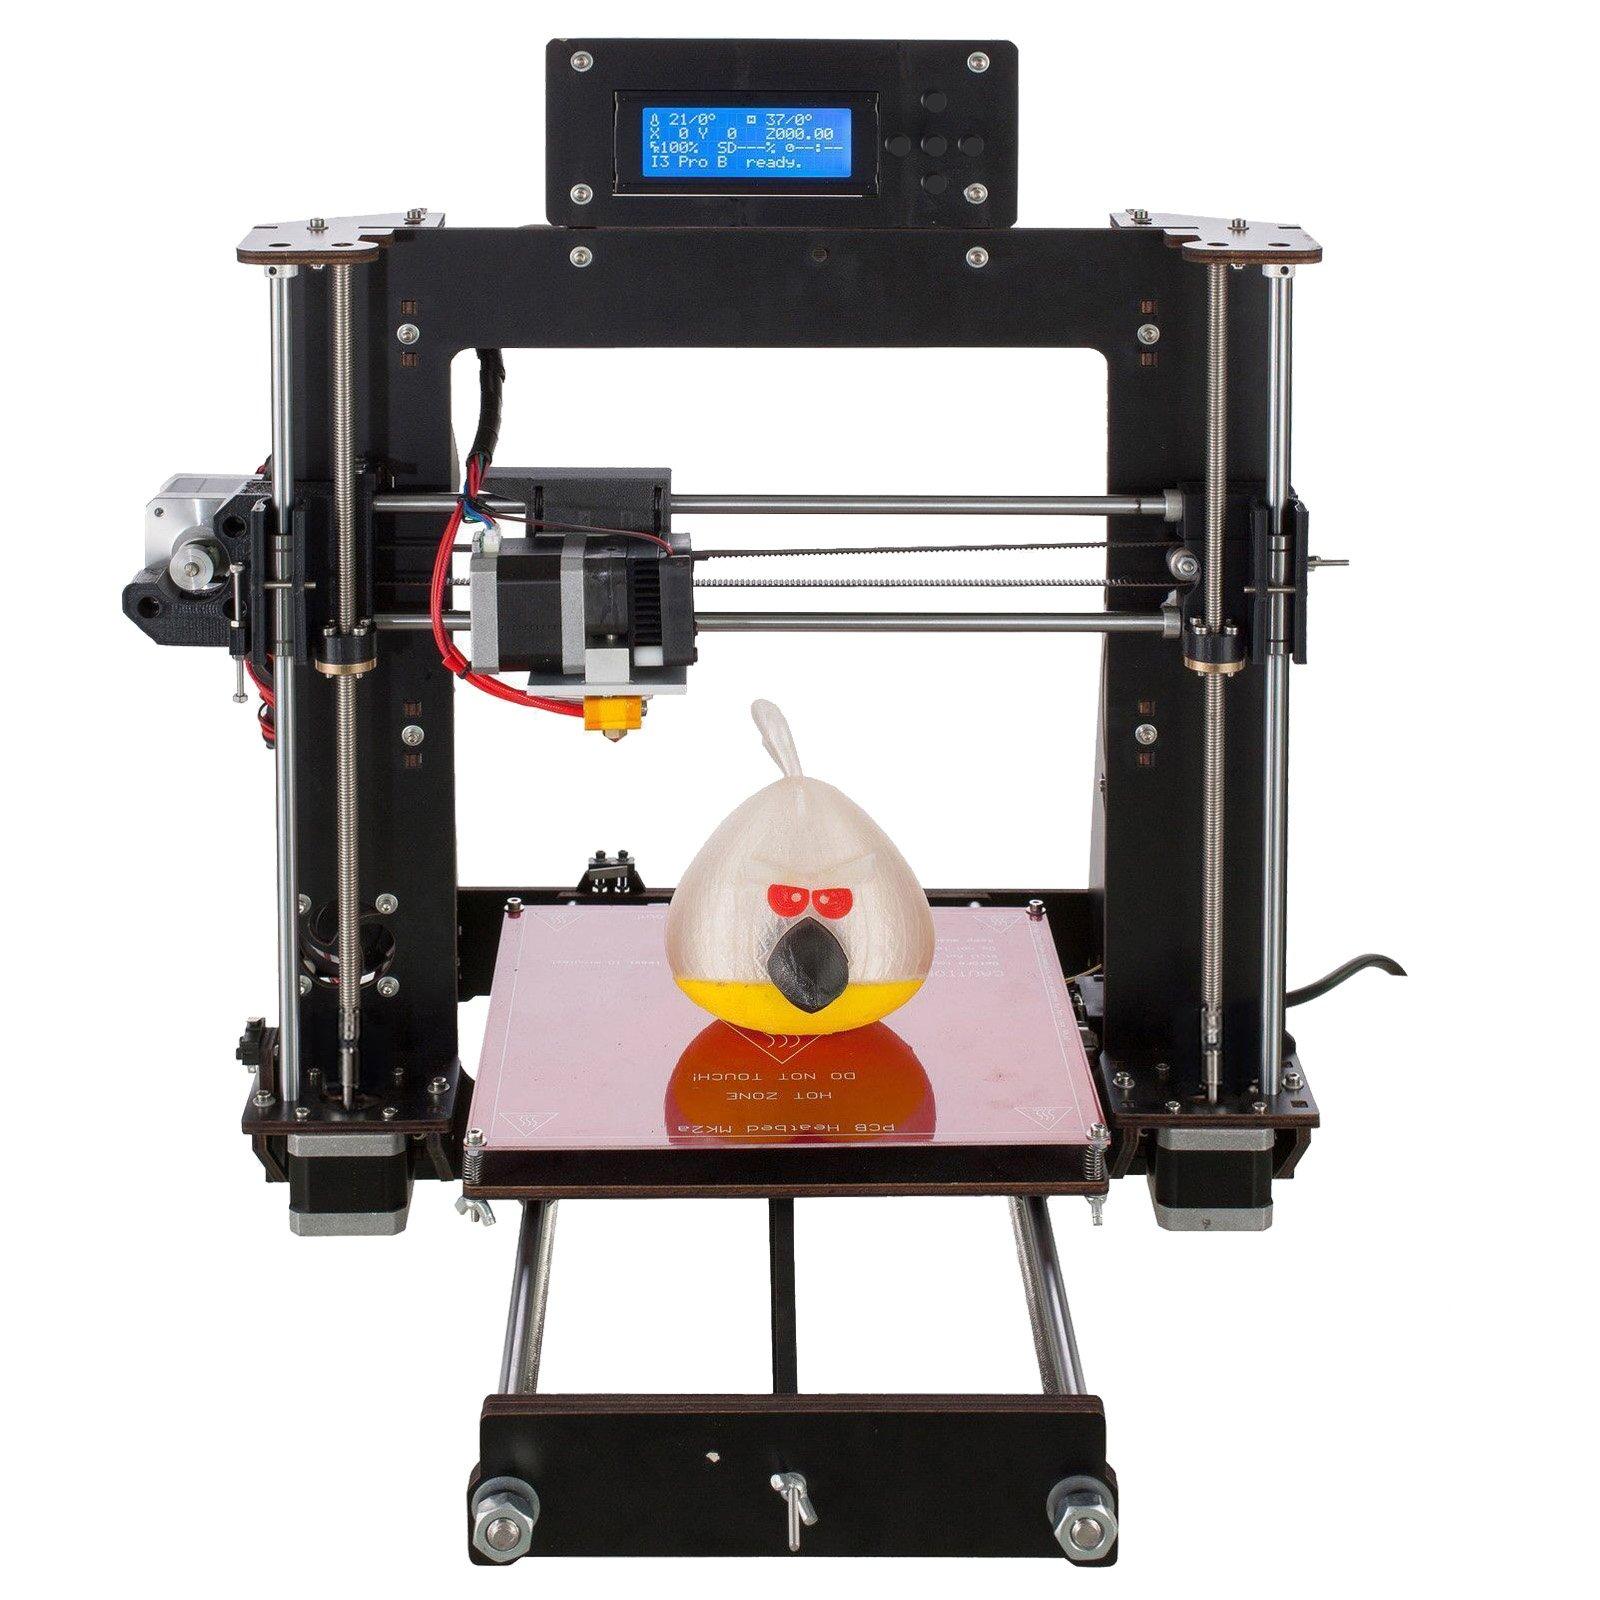 Wanhao Duplicator i3 Mini 3D Printer: Amazon.es: Electrónica